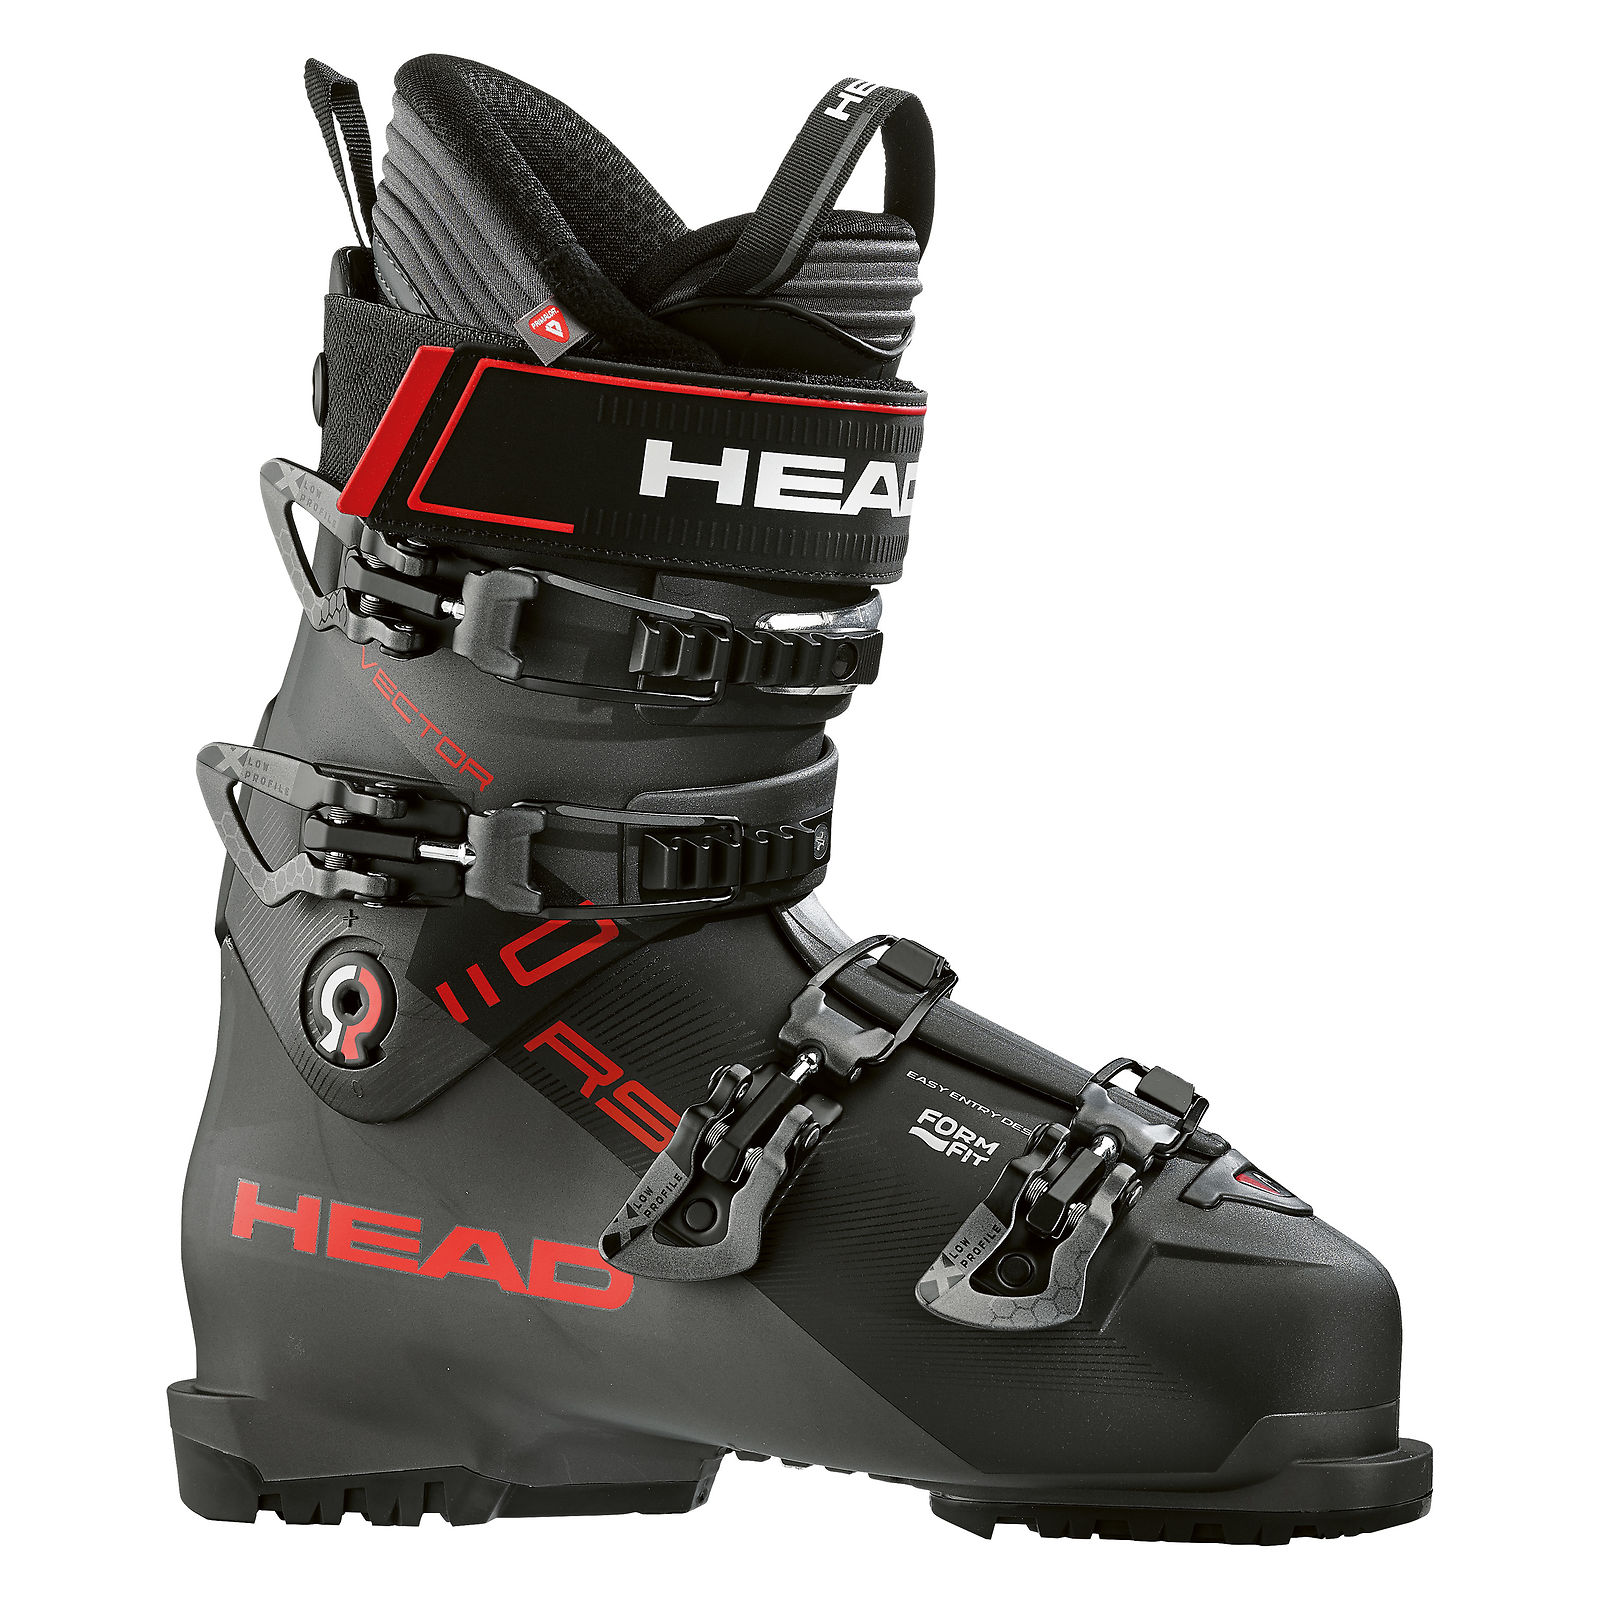 Buty narciarskie męskie Head Vector RS 110 609061